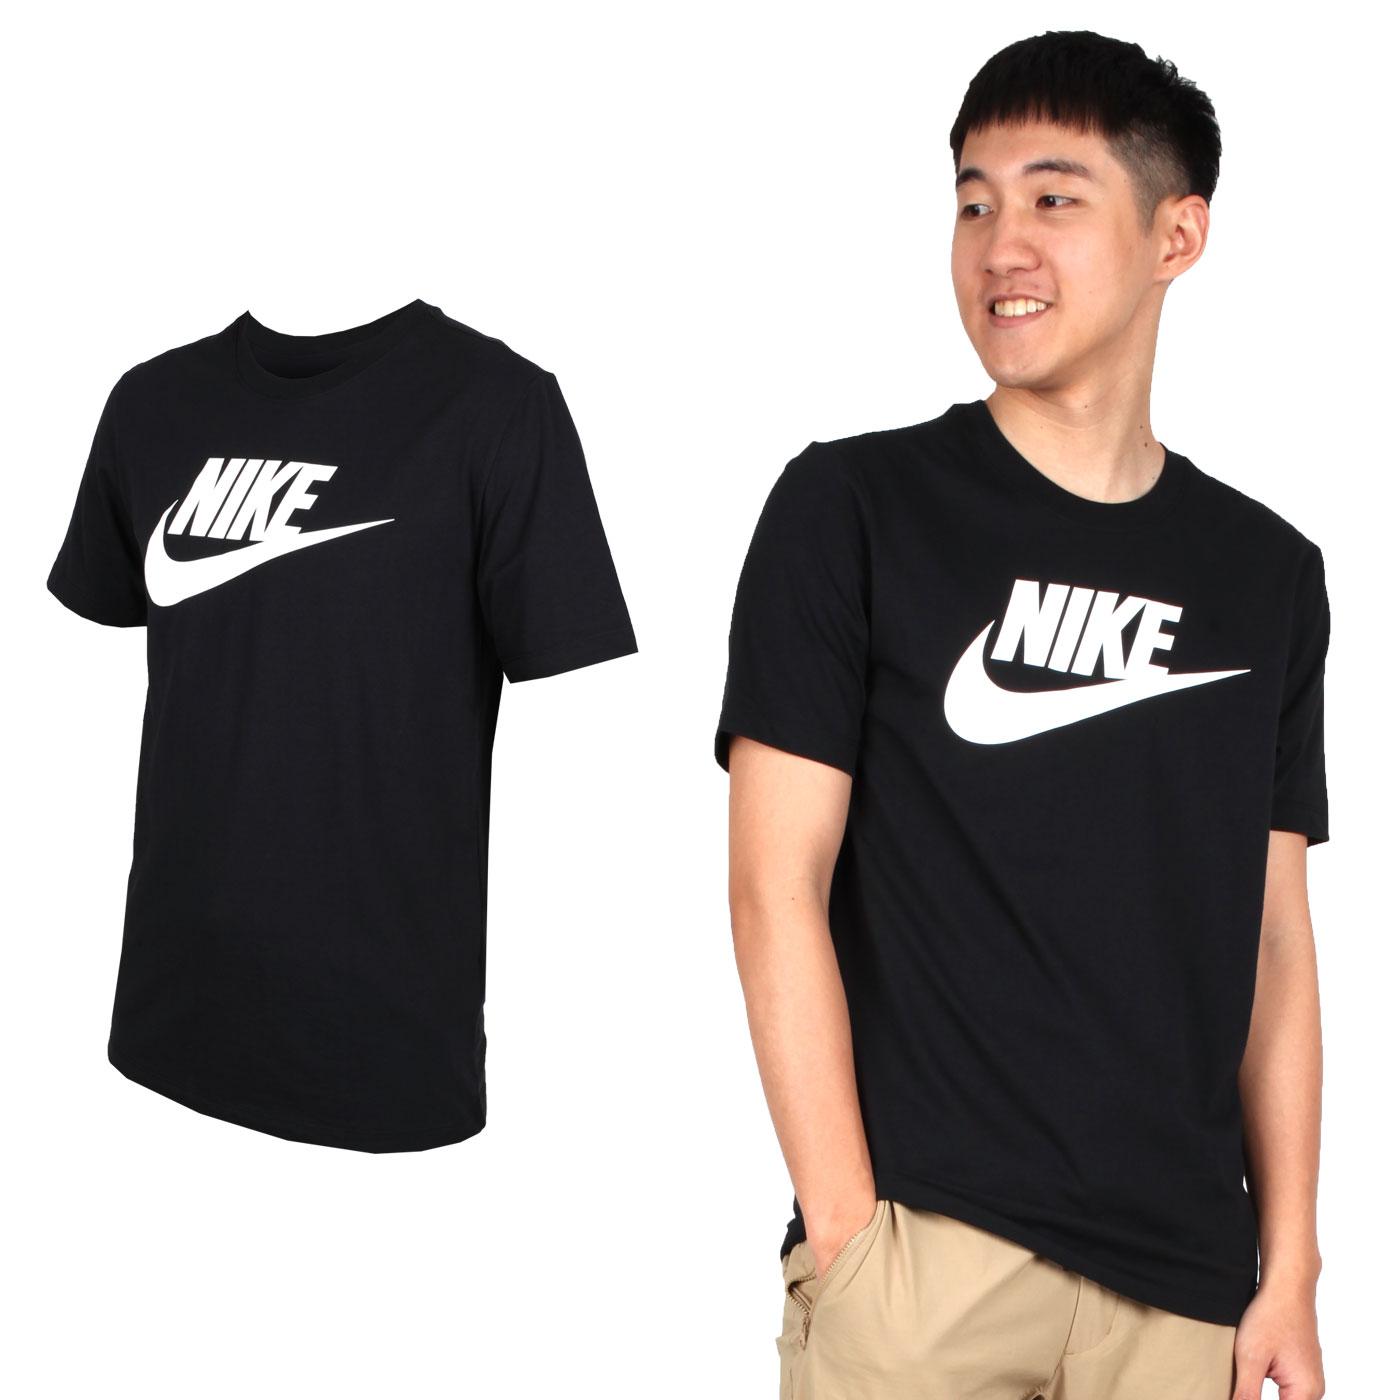 NIKE 男款短袖T恤 AR5005010 - 黑白